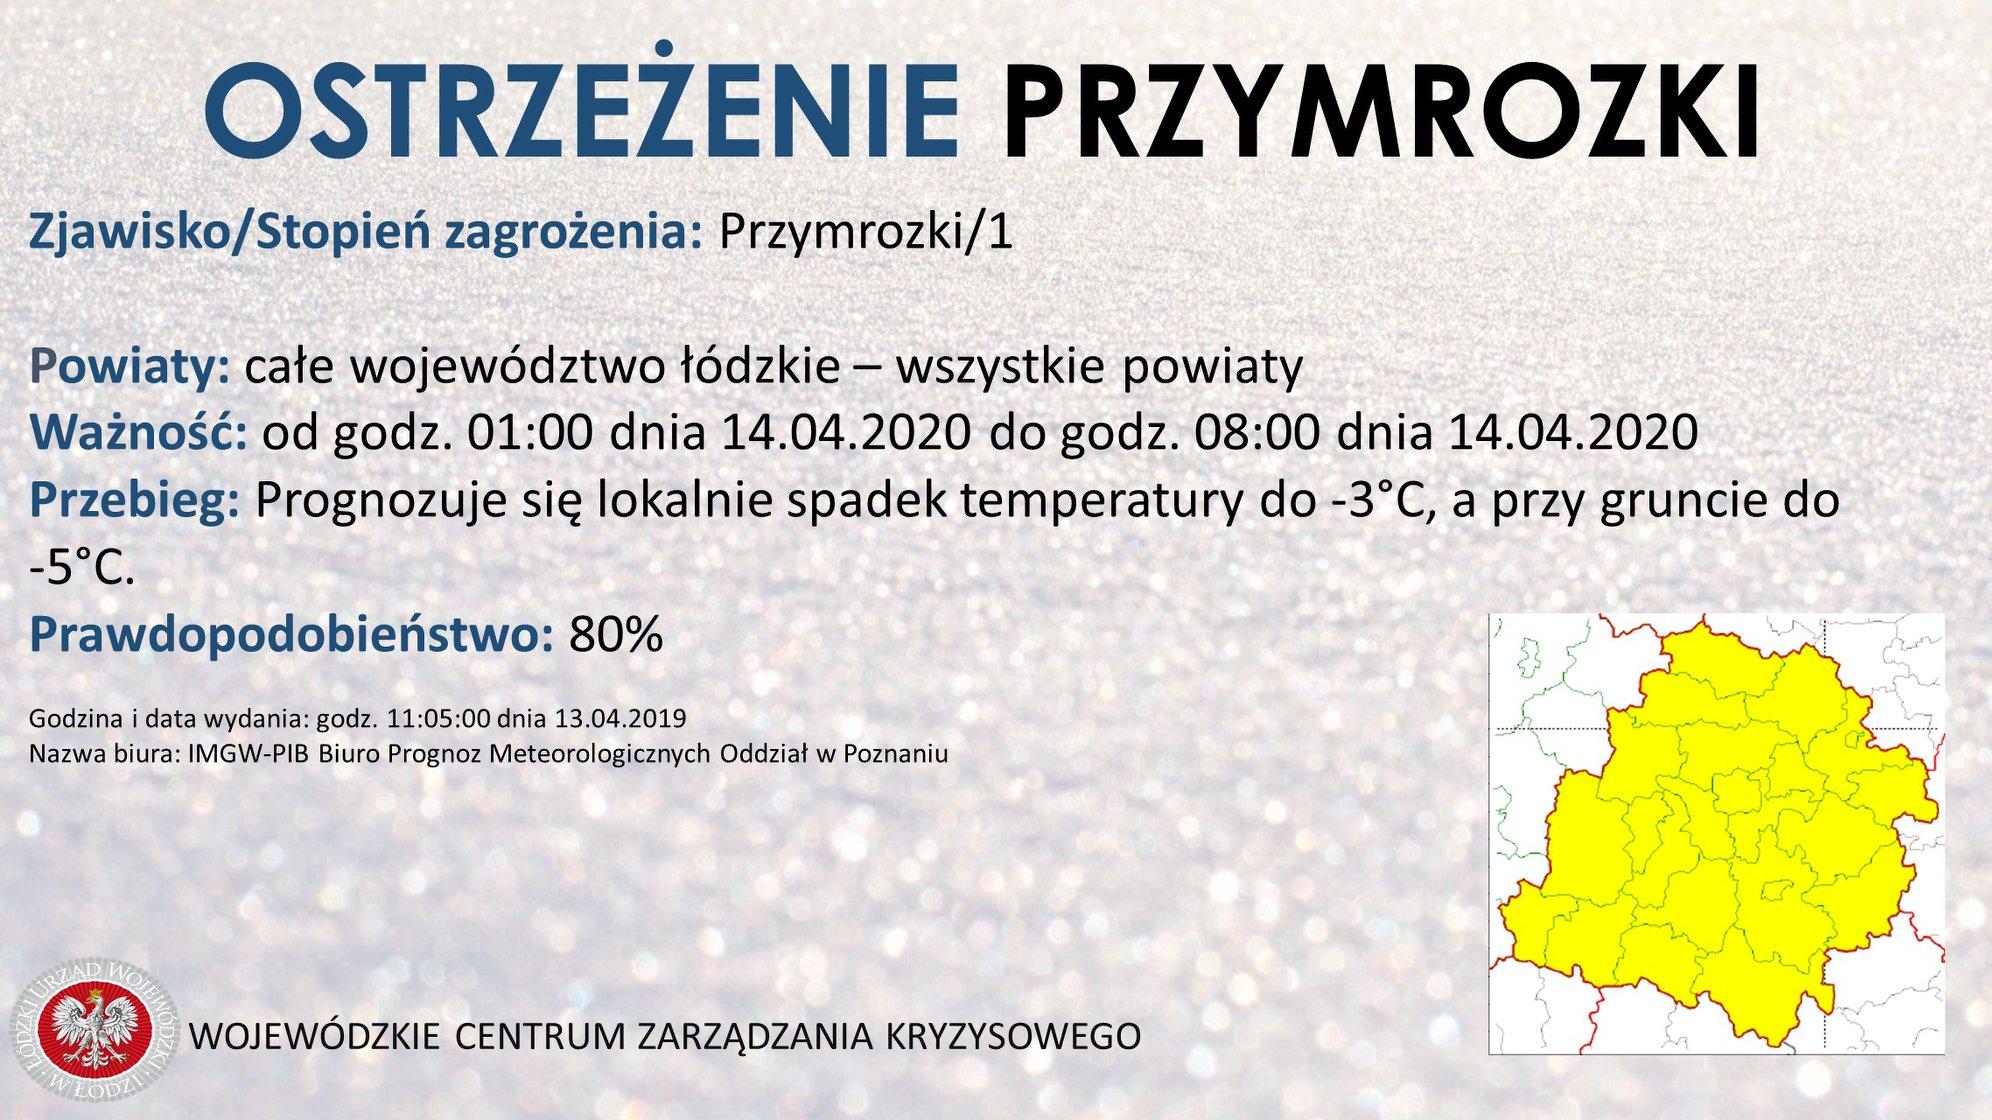 Ostrzeżenie meteorologiczne   Zjawisko/Stopień zagrożenia: Przymrozki/1  Obszar:...